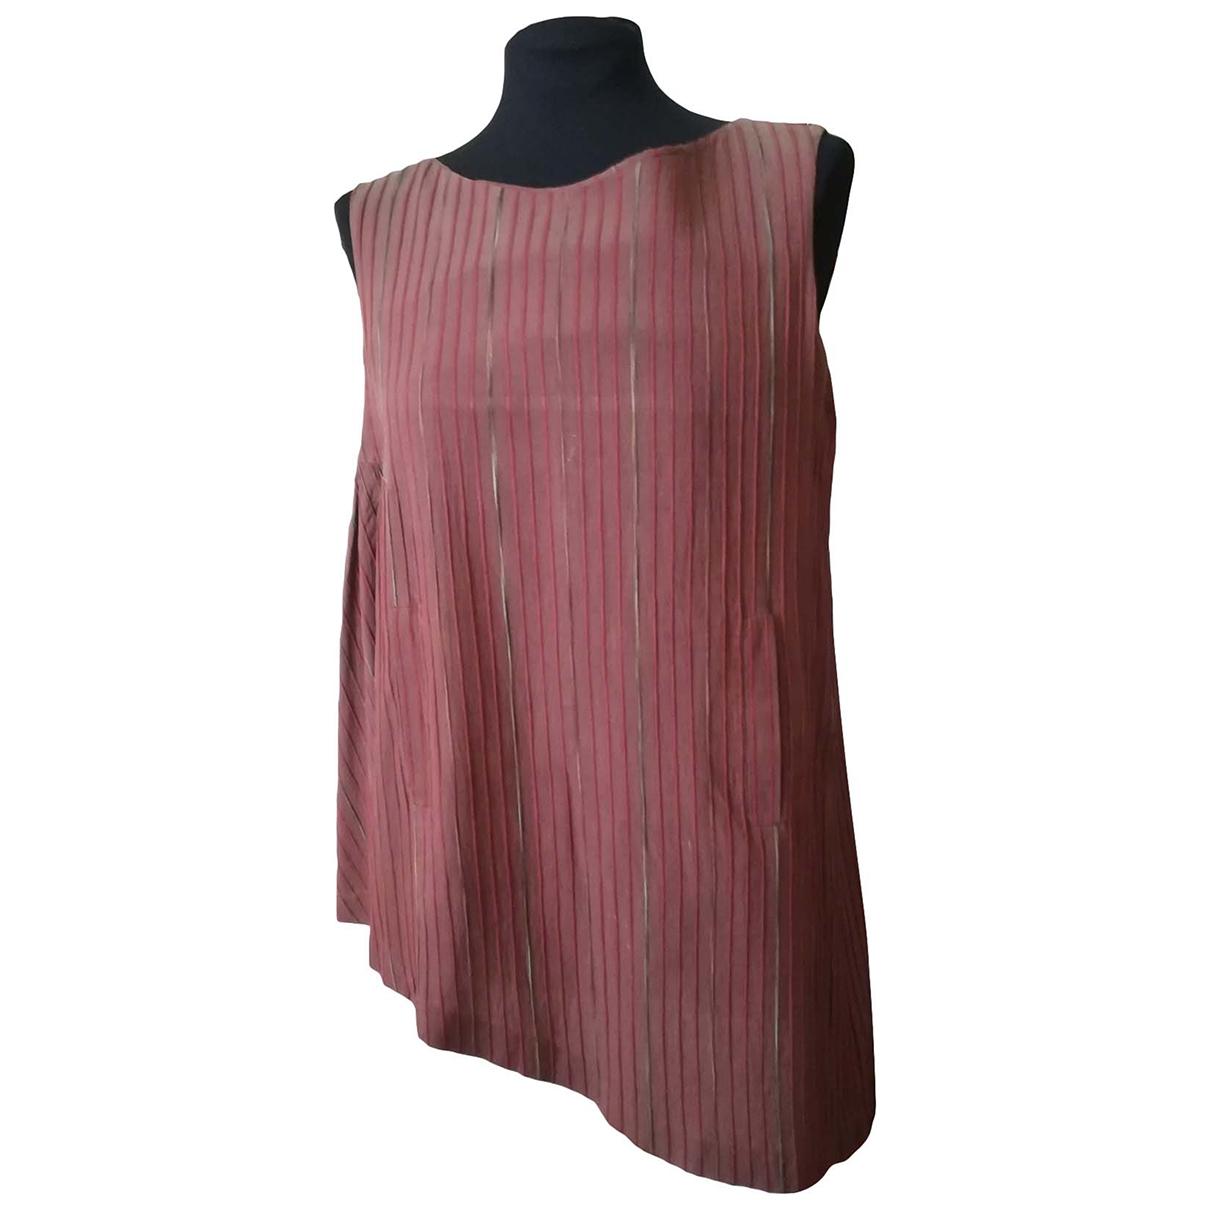 Decotiis - Top   pour femme en coton - marron